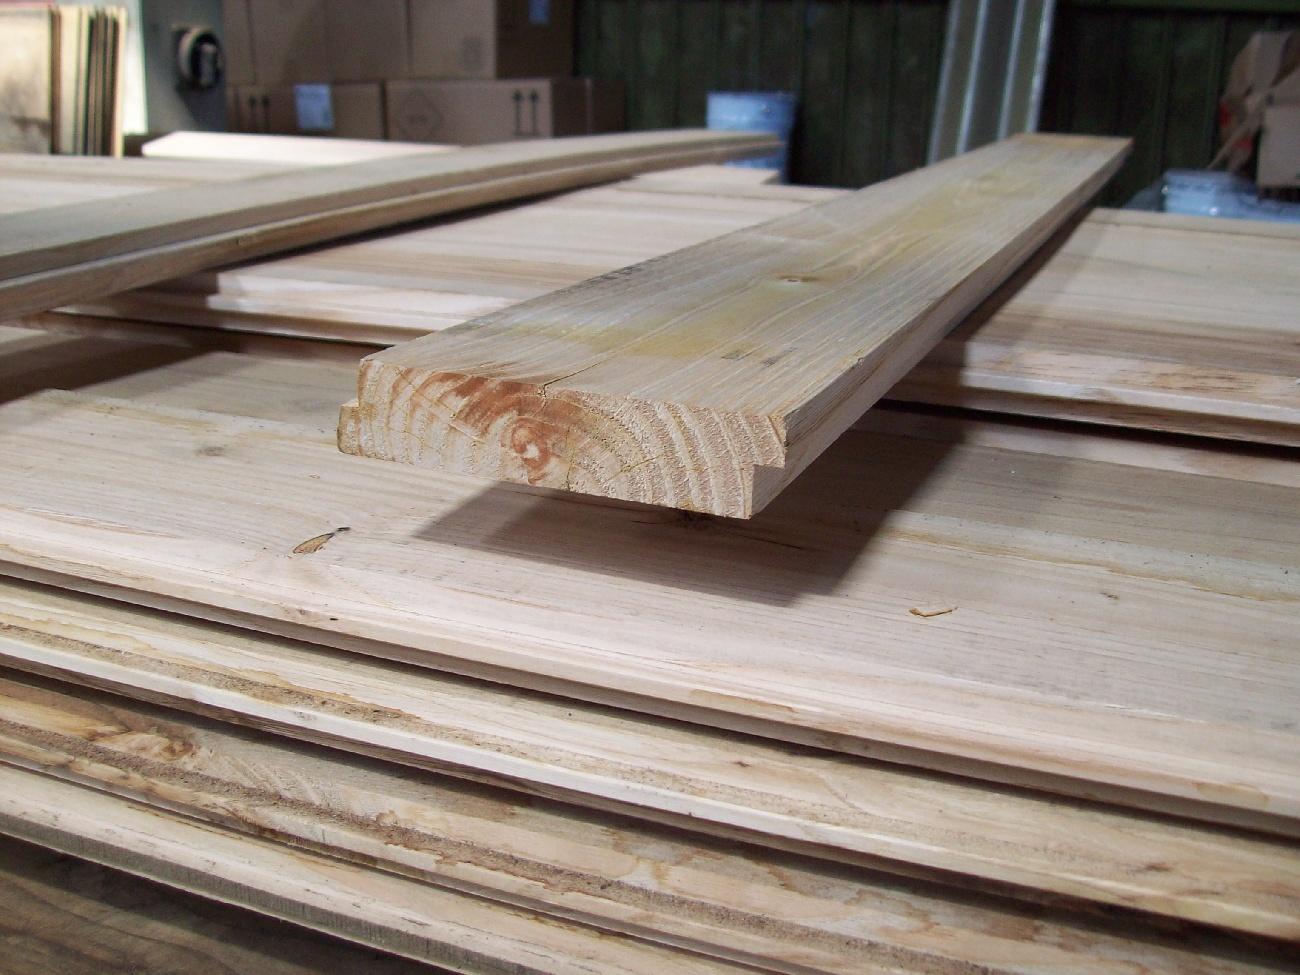 Vendita di tavolato per sottotetti piangoli legno - Vendita tavole di legno ...